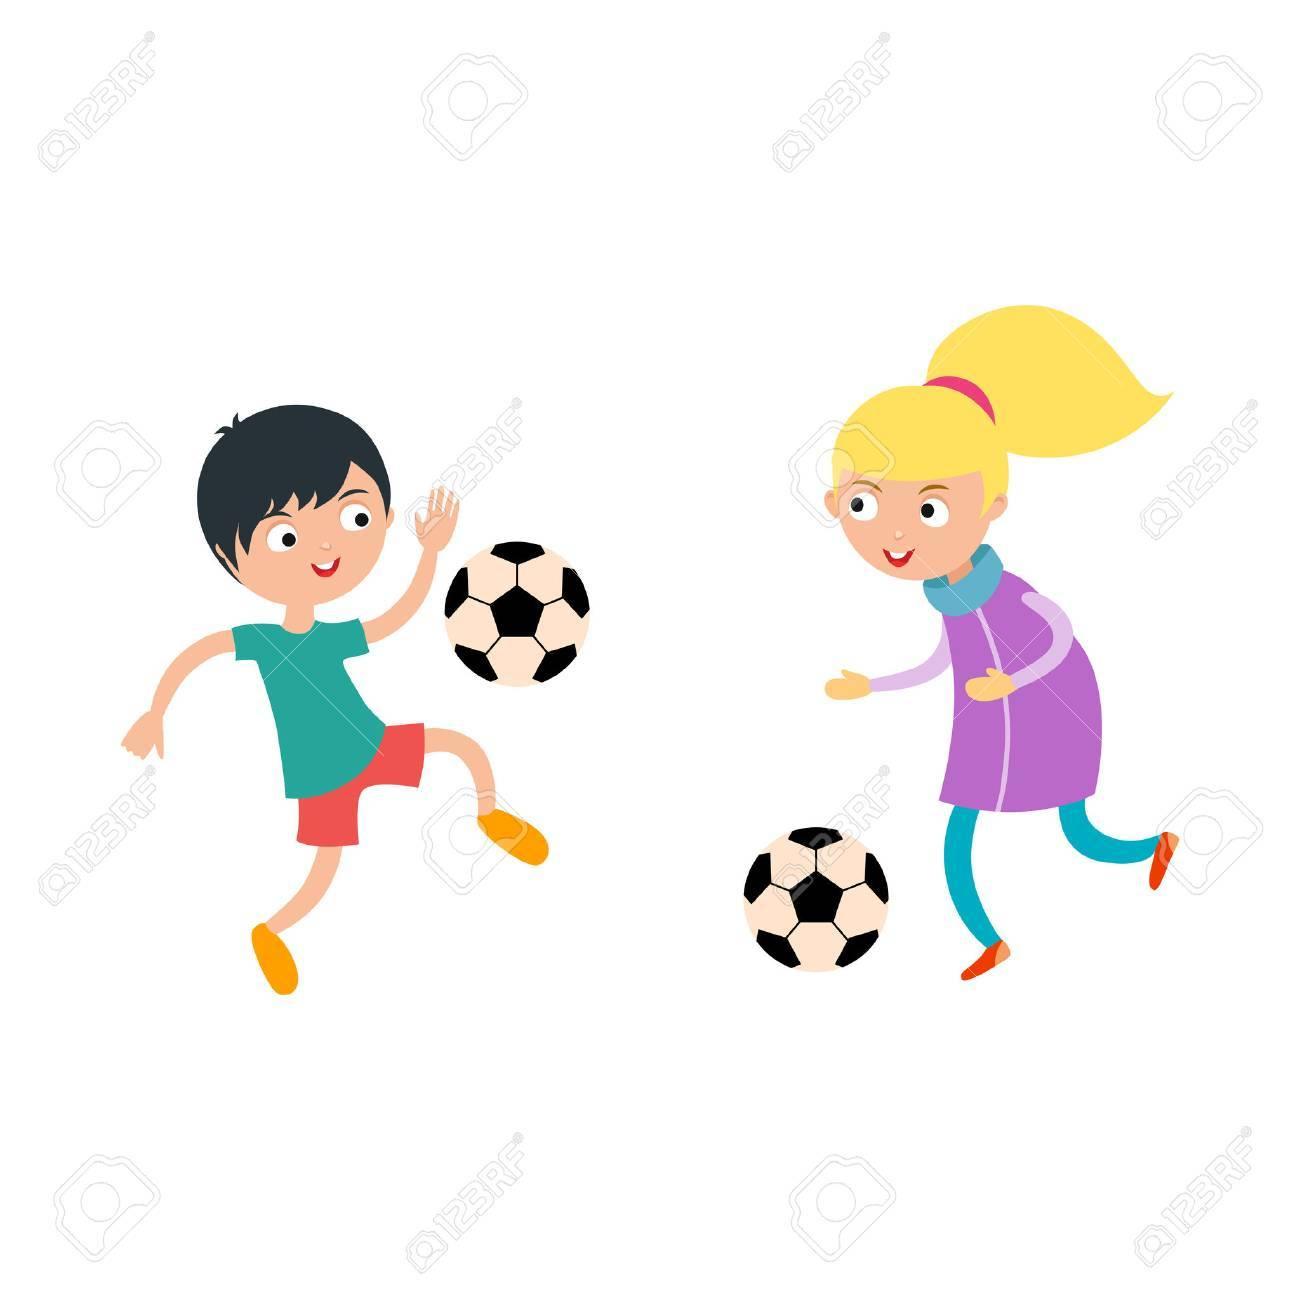 Jeune Enfant Garçon Et Fille Jouant Vecteur Football Illustration. Jeu De  Course De Soccer Sport Actif. Concurrence Activité Des Jeunes Enfants,  Jouer encequiconcerne Jeux Course Enfant